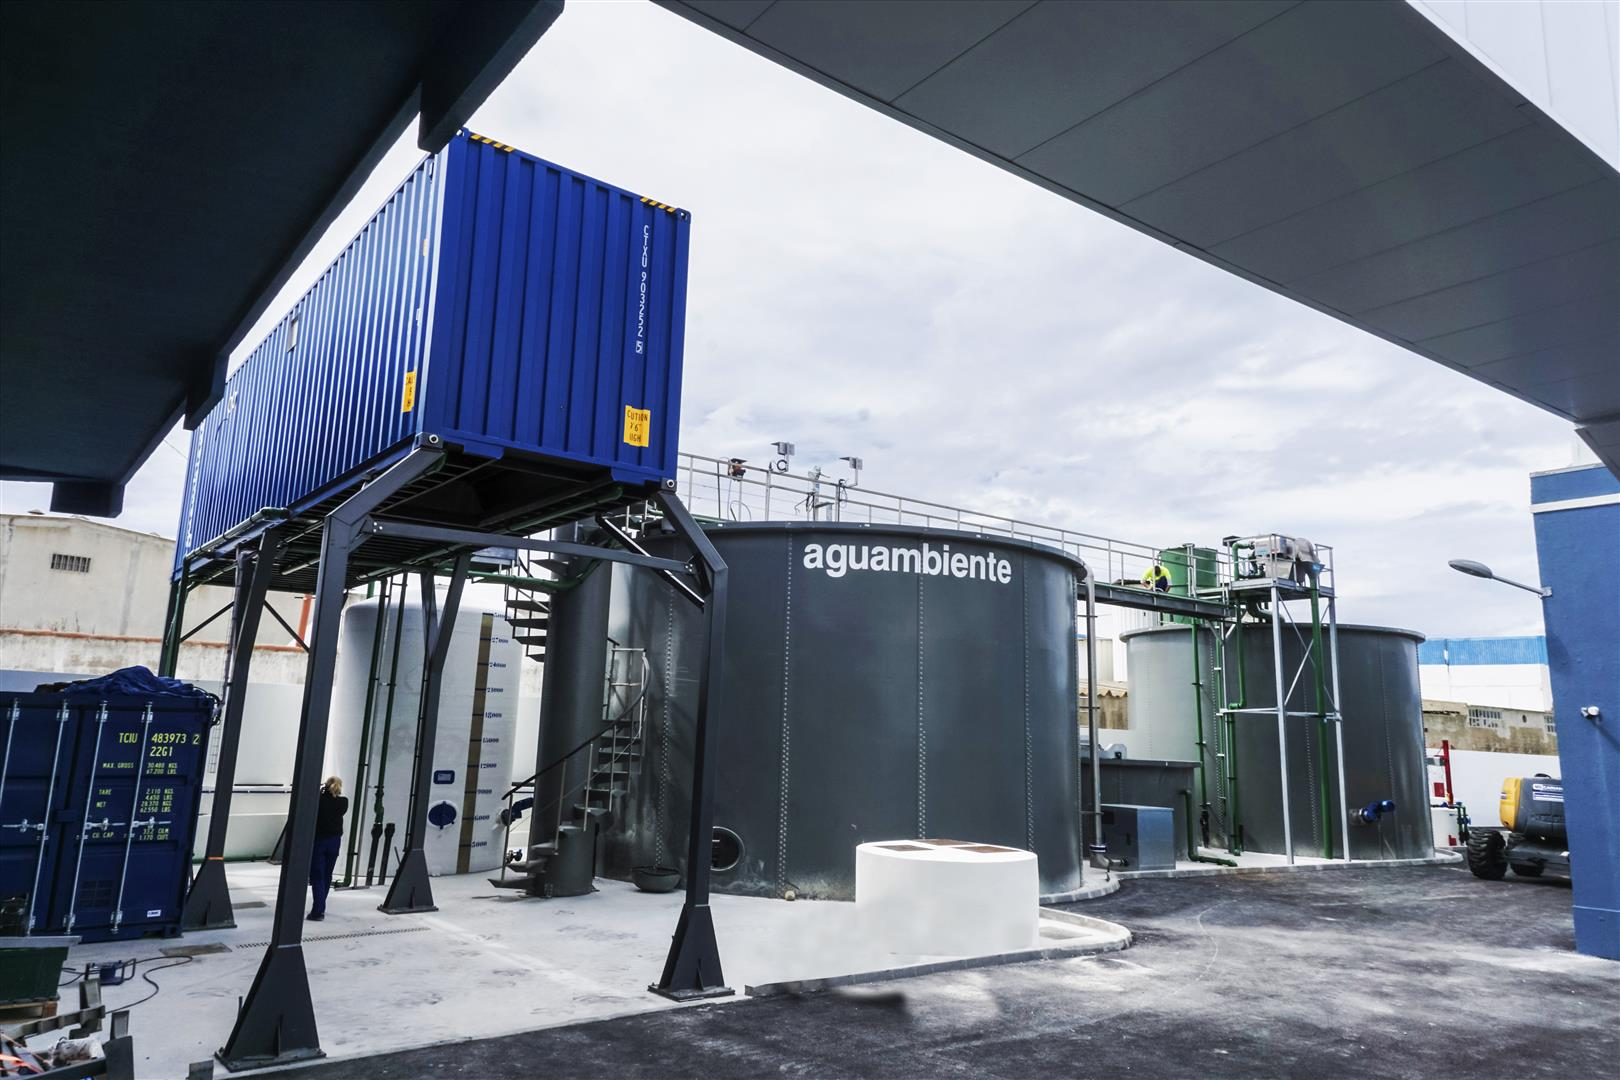 Estación de depuración de aguas residuales, industria conservera